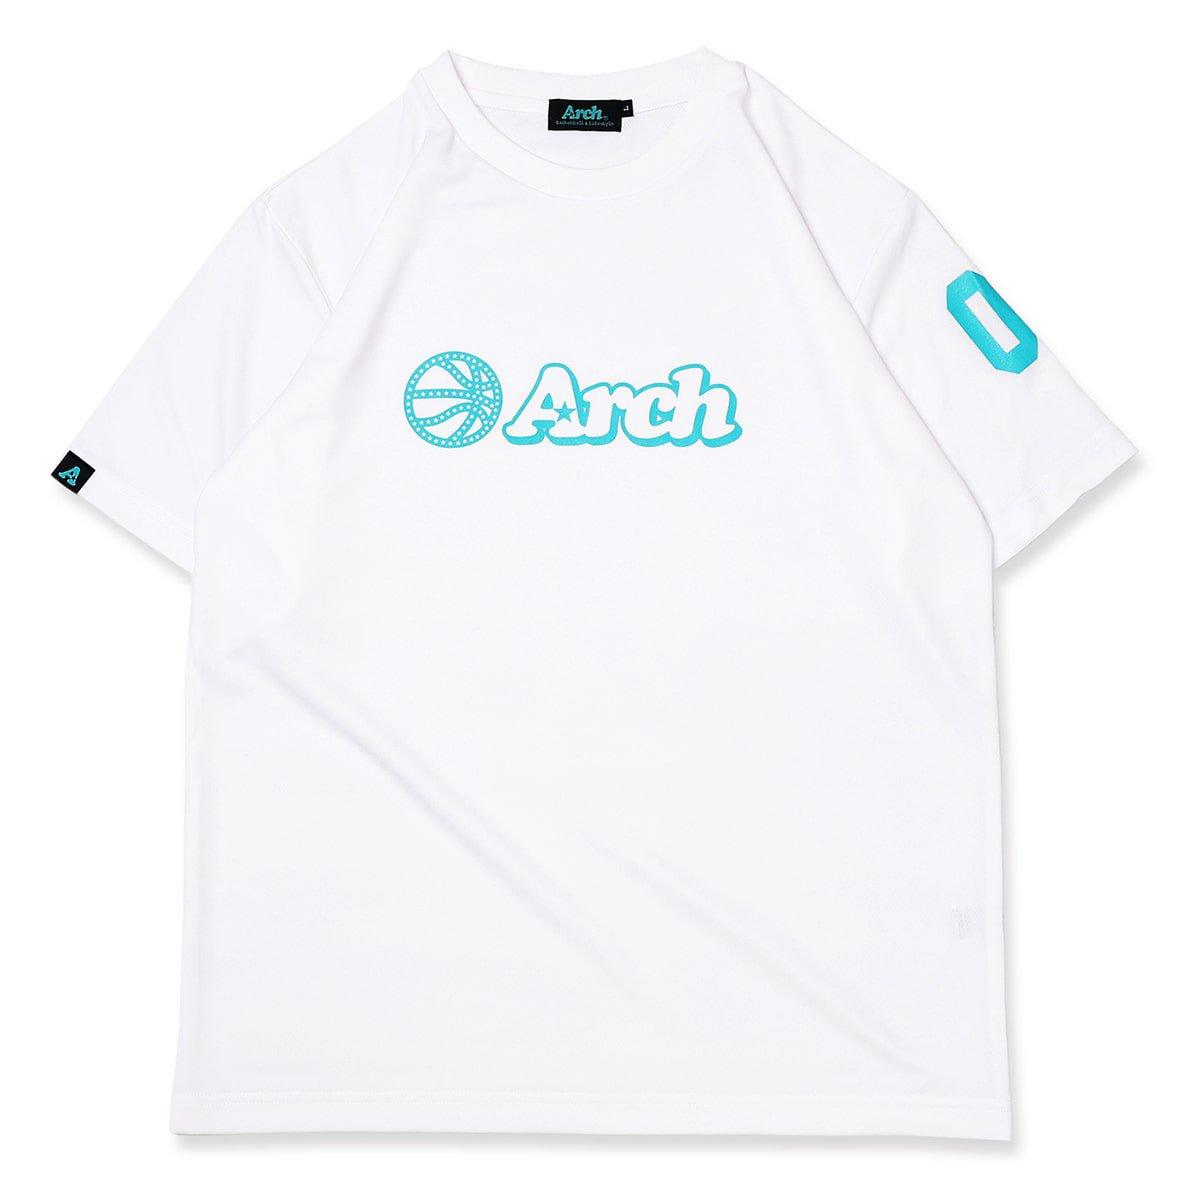 バスケ アーチ ボール ロゴ Tシャツ ホワイトターコイズ